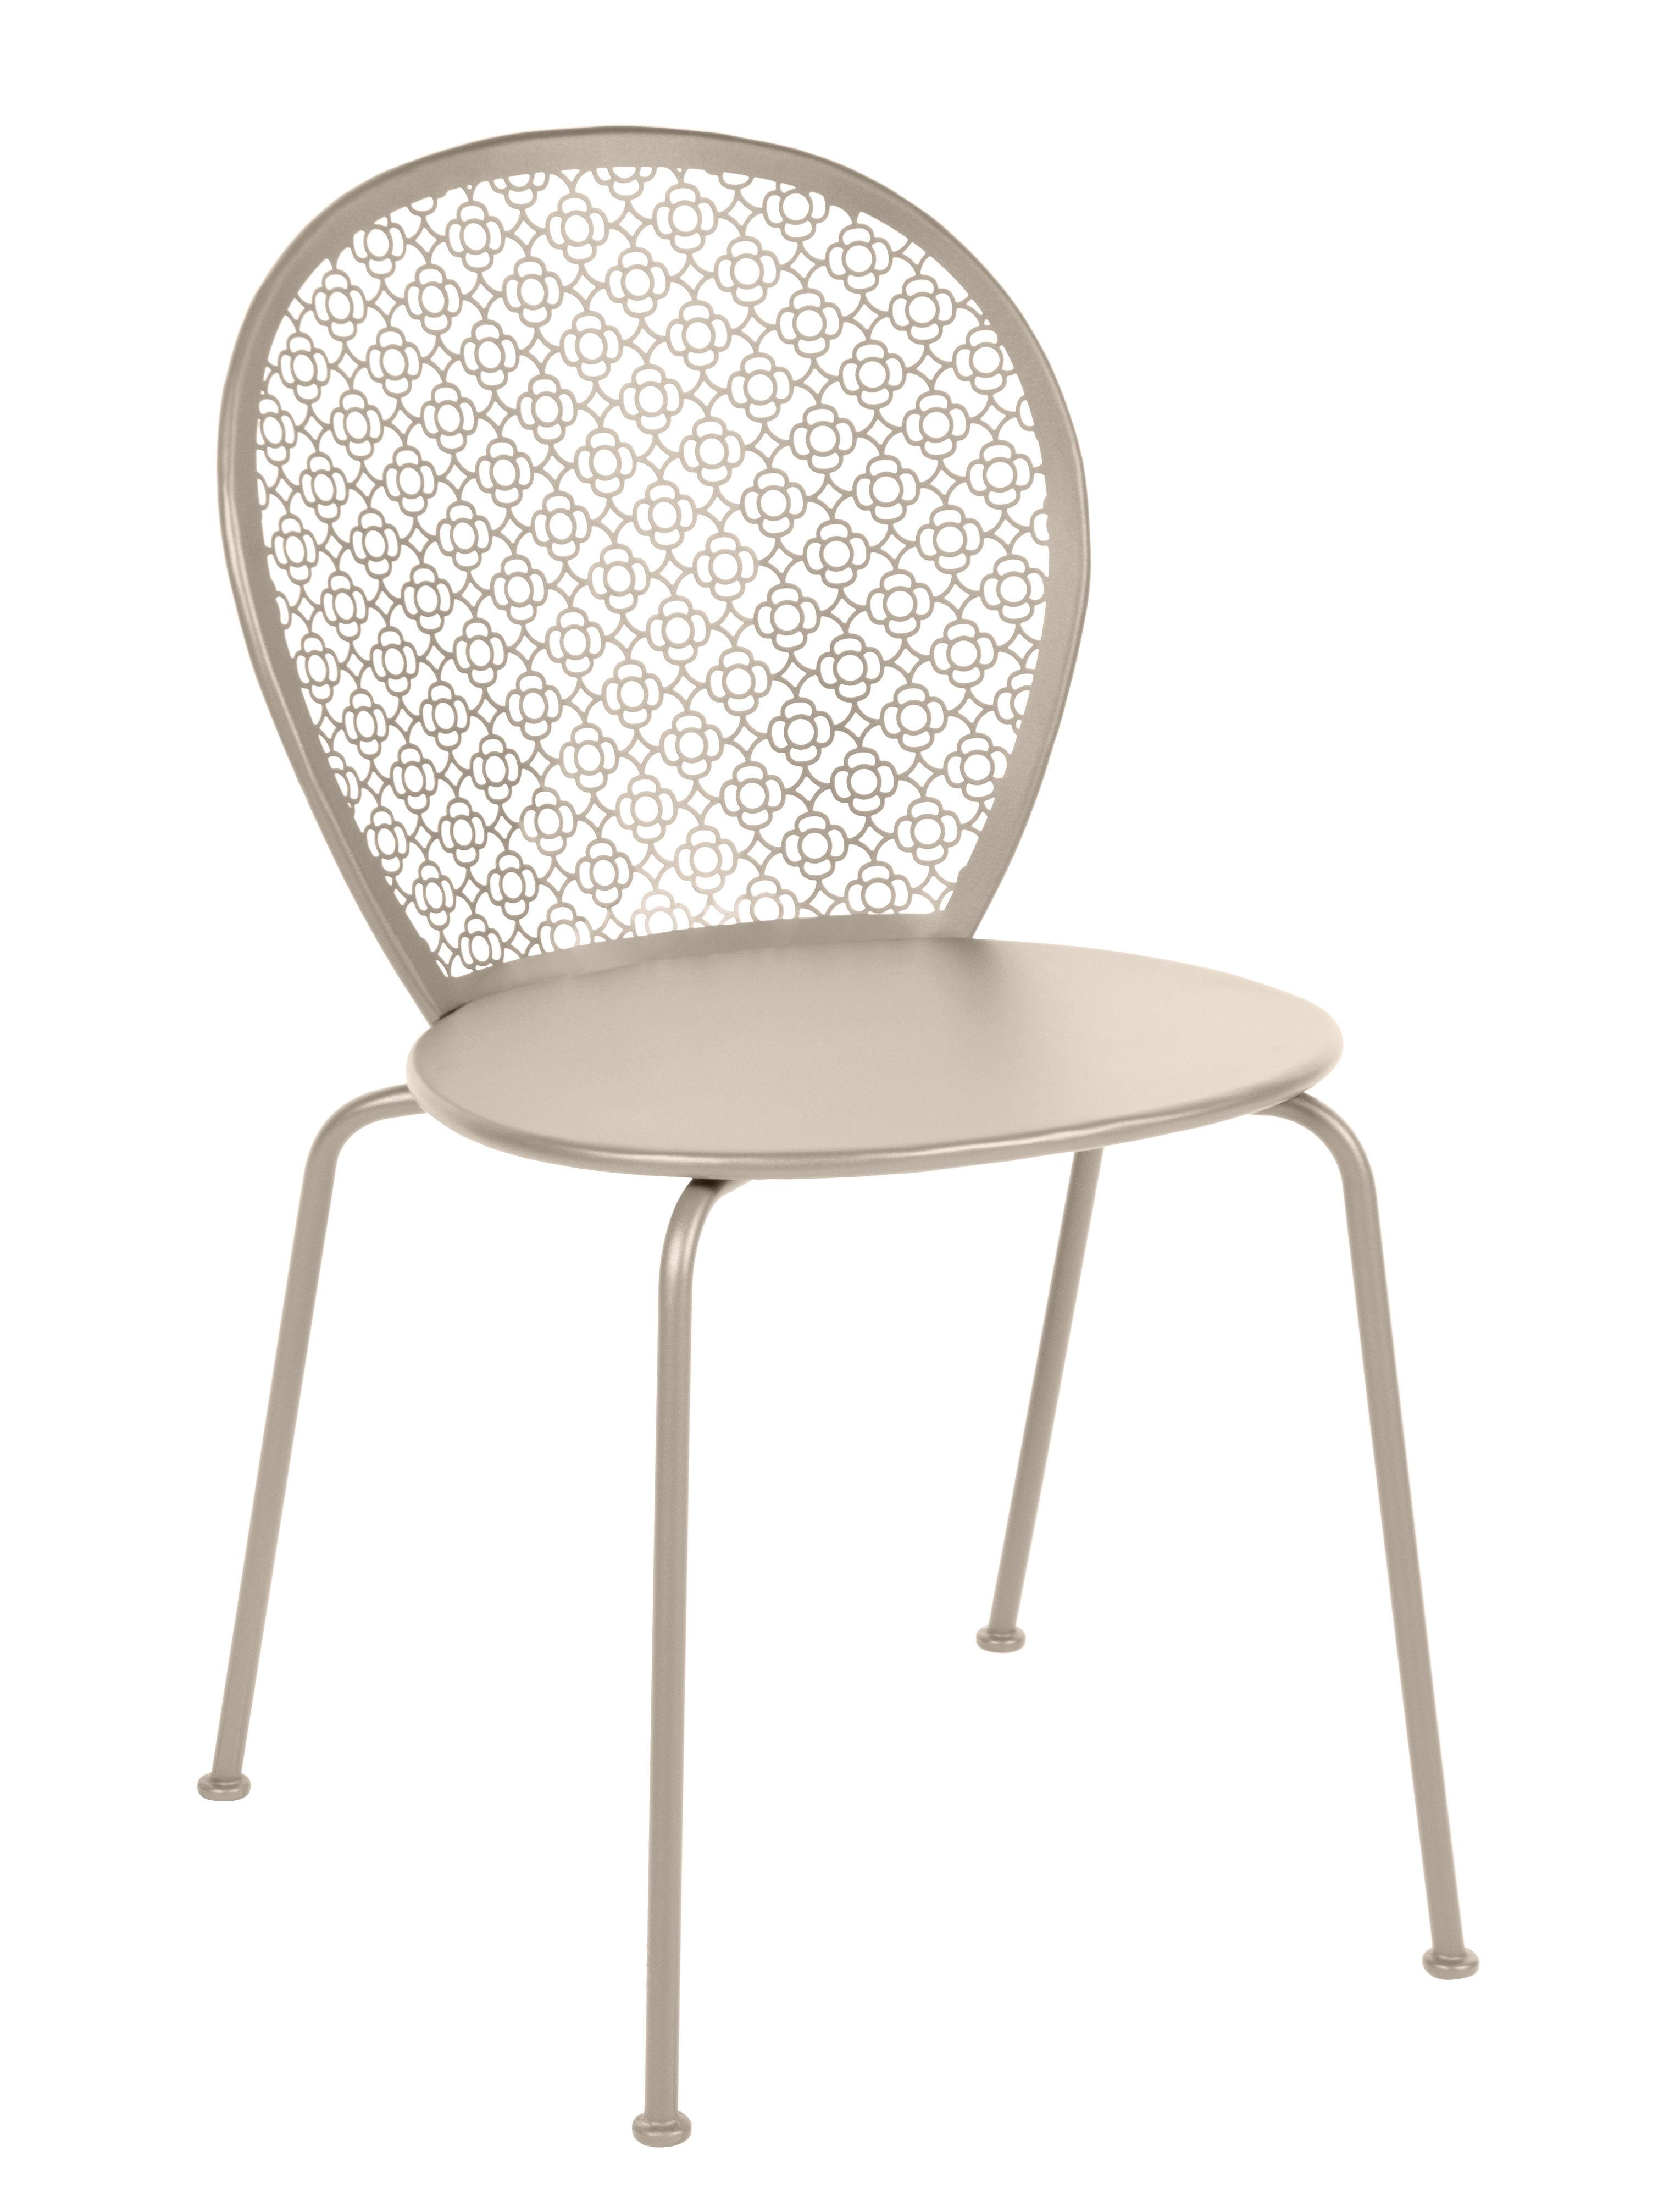 Möbel - Stühle  - Lorette Stapelbarer Stuhl / Metall - Fermob - Muskat - lackierter Stahl